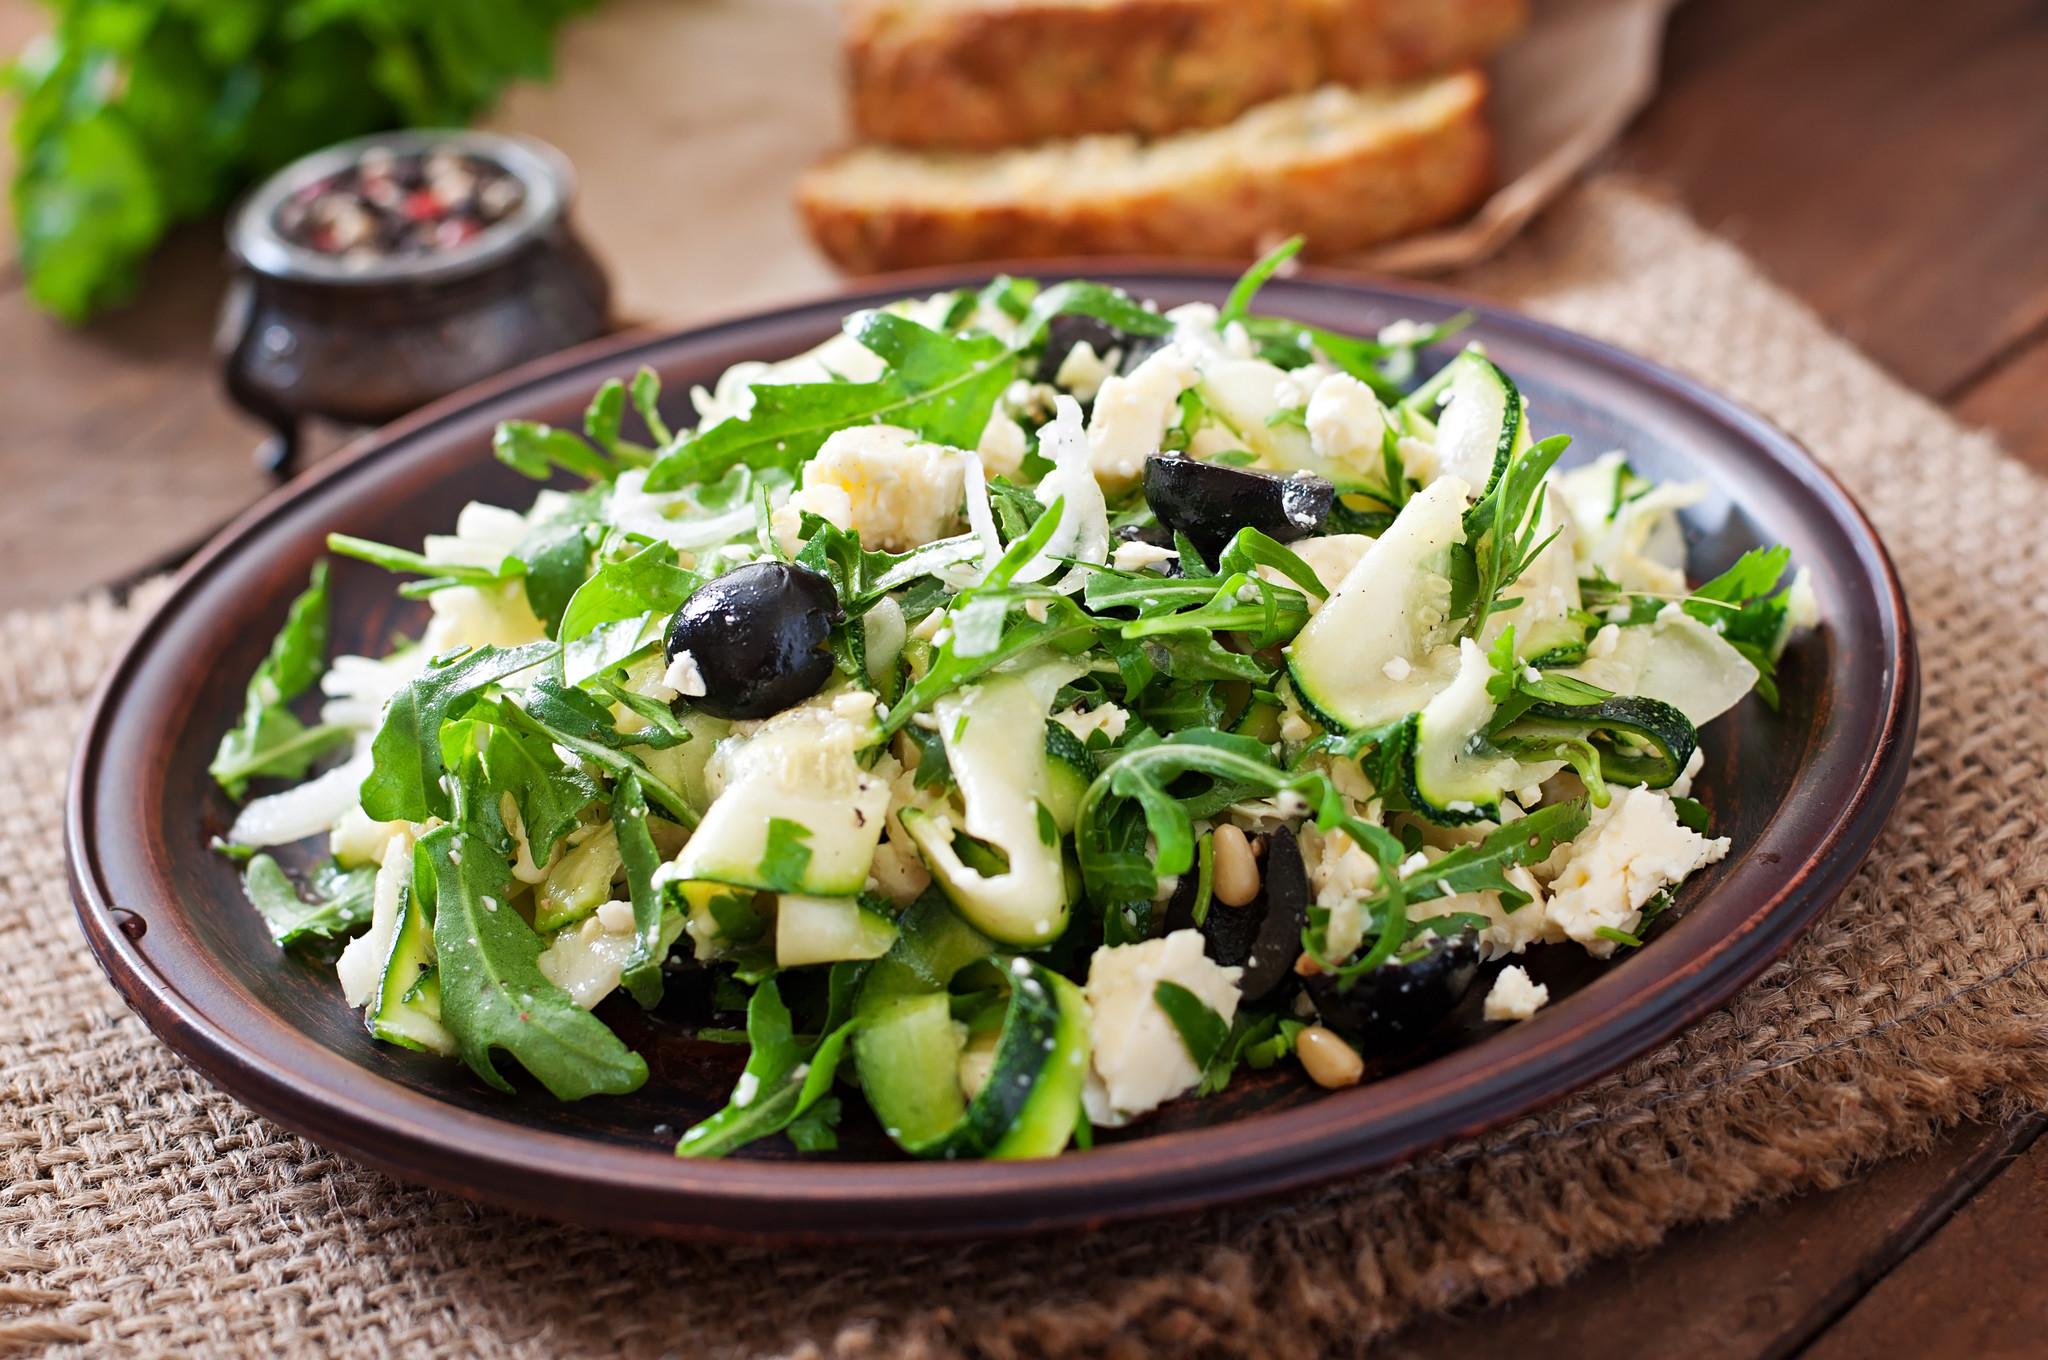 Tagliatelle in roomsaus met rucola, zontomaatjes en grove parmezaan (vegetarisch)